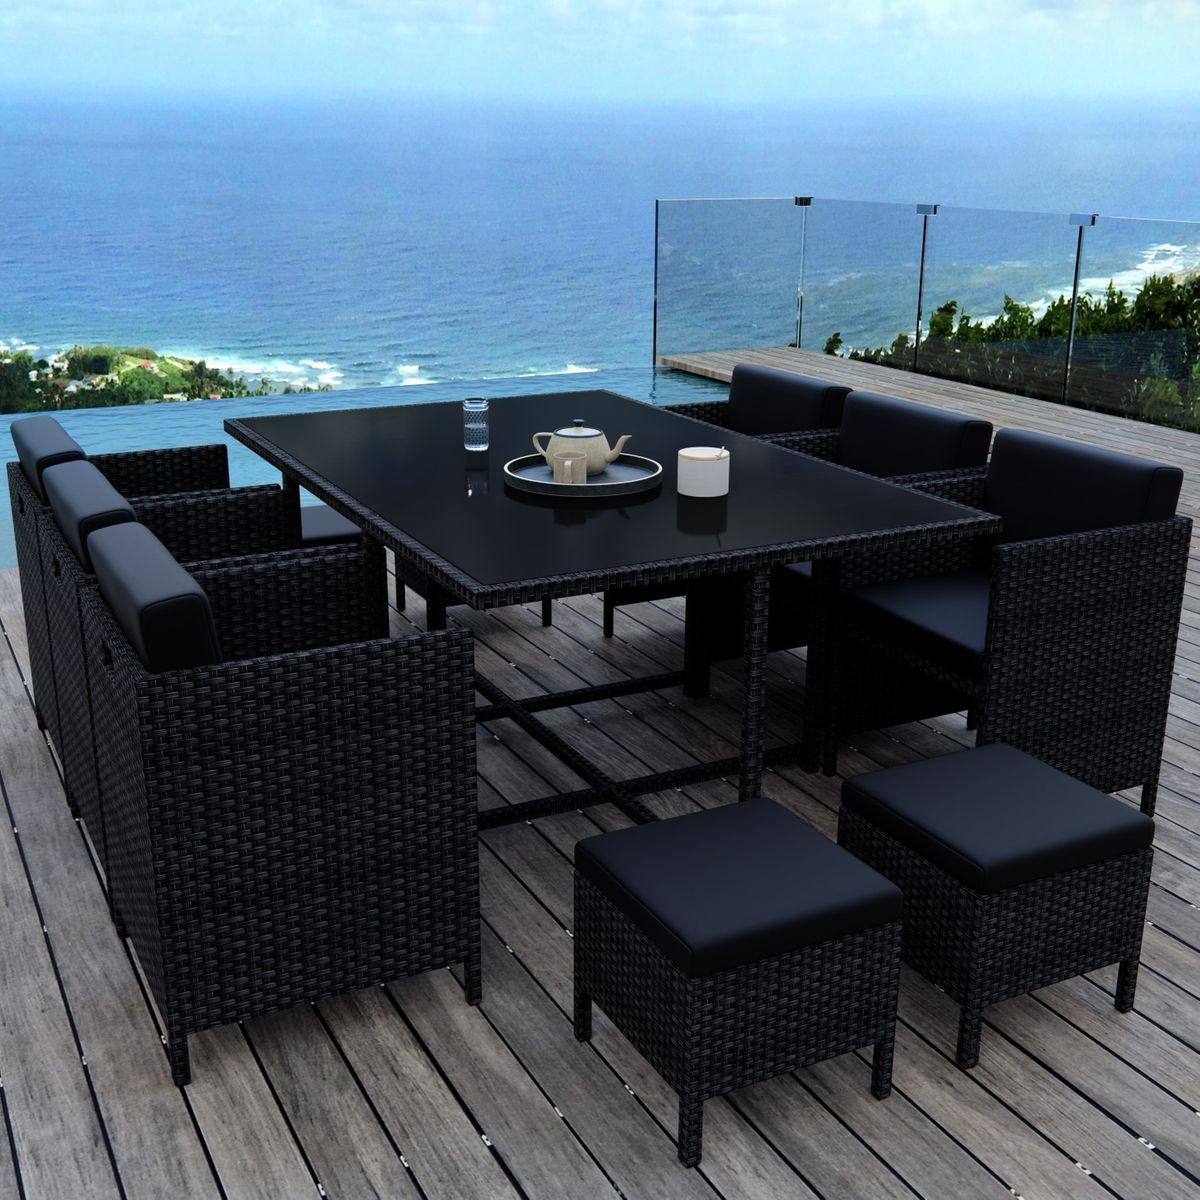 Table De Jardin Encastrable, 10 Places, Resine Tressee ... destiné Table De Jardin Encastrable